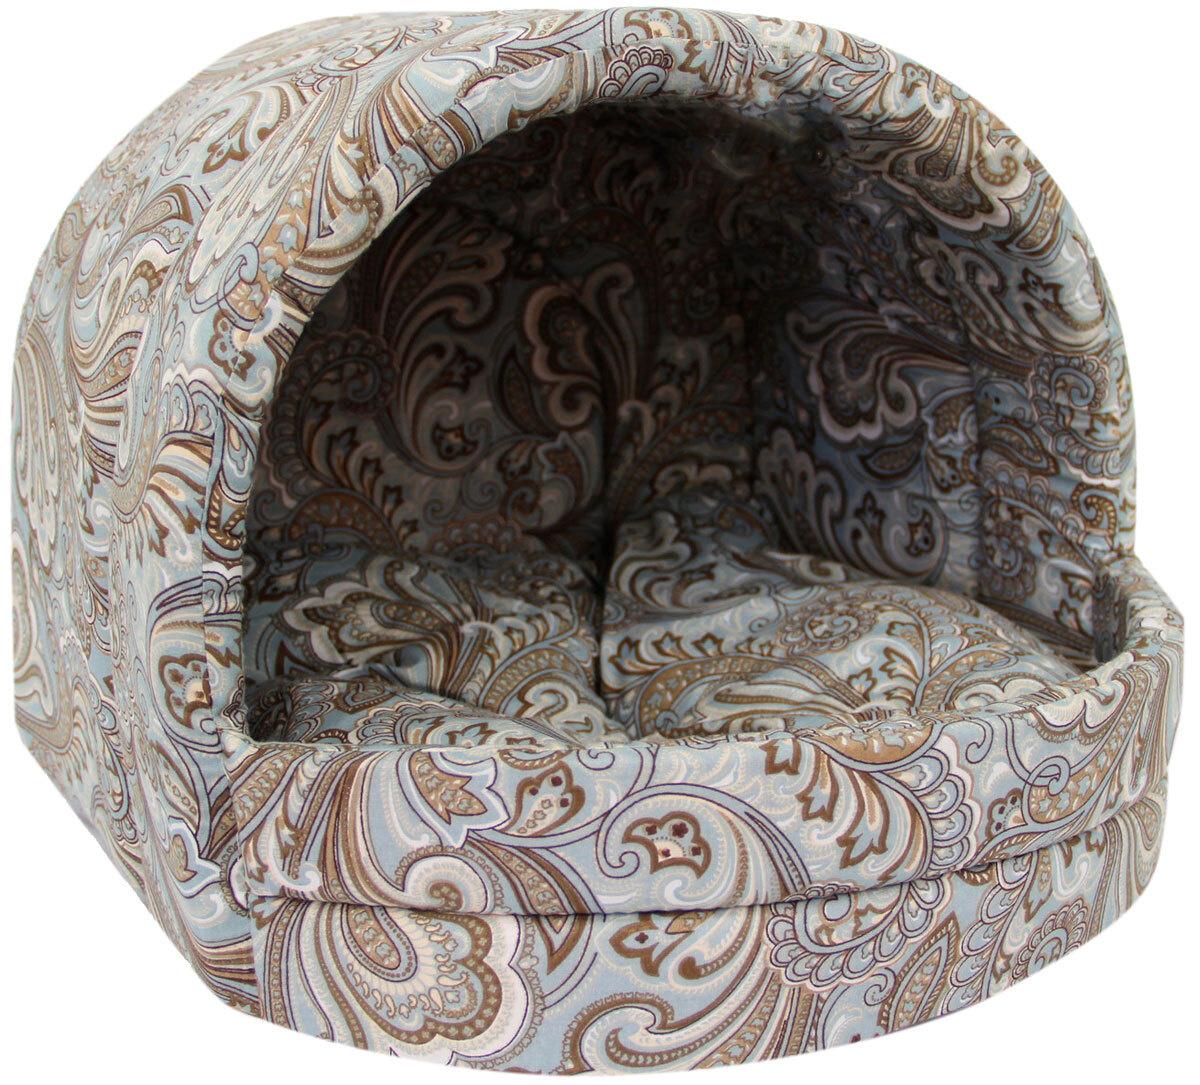 Мягкий домик Лежанка для собак эстрада № 2 огурцы 44 х 40 х 36 см  #1